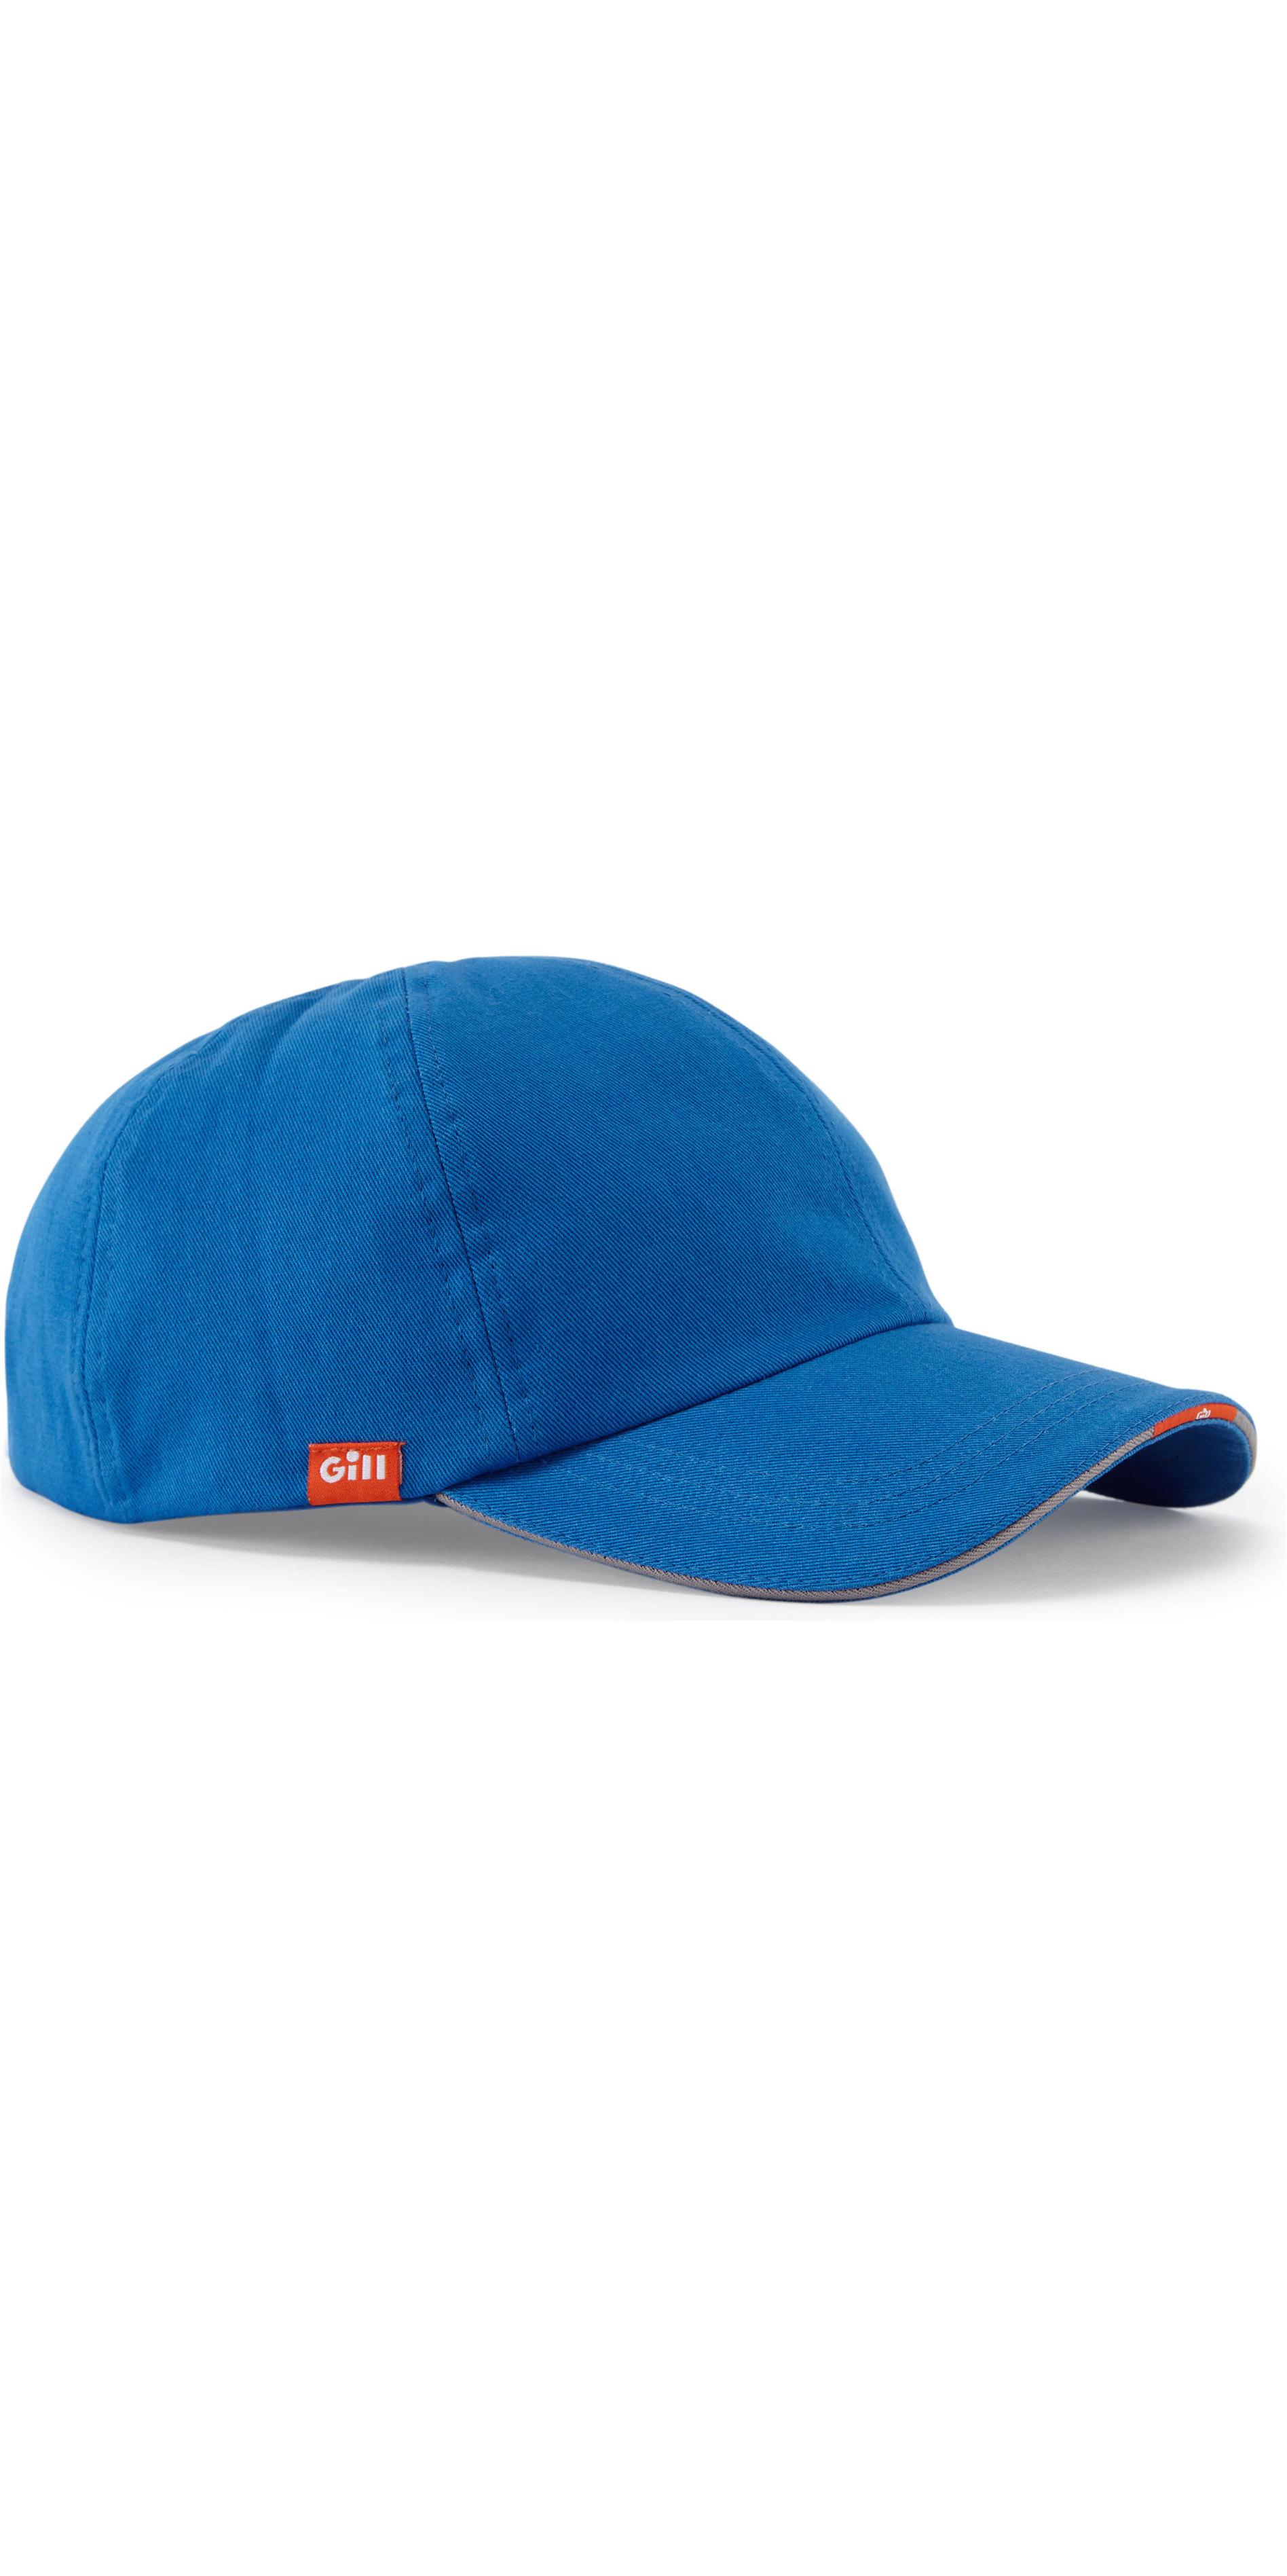 2019 Gill Sailing Cap Blue 139